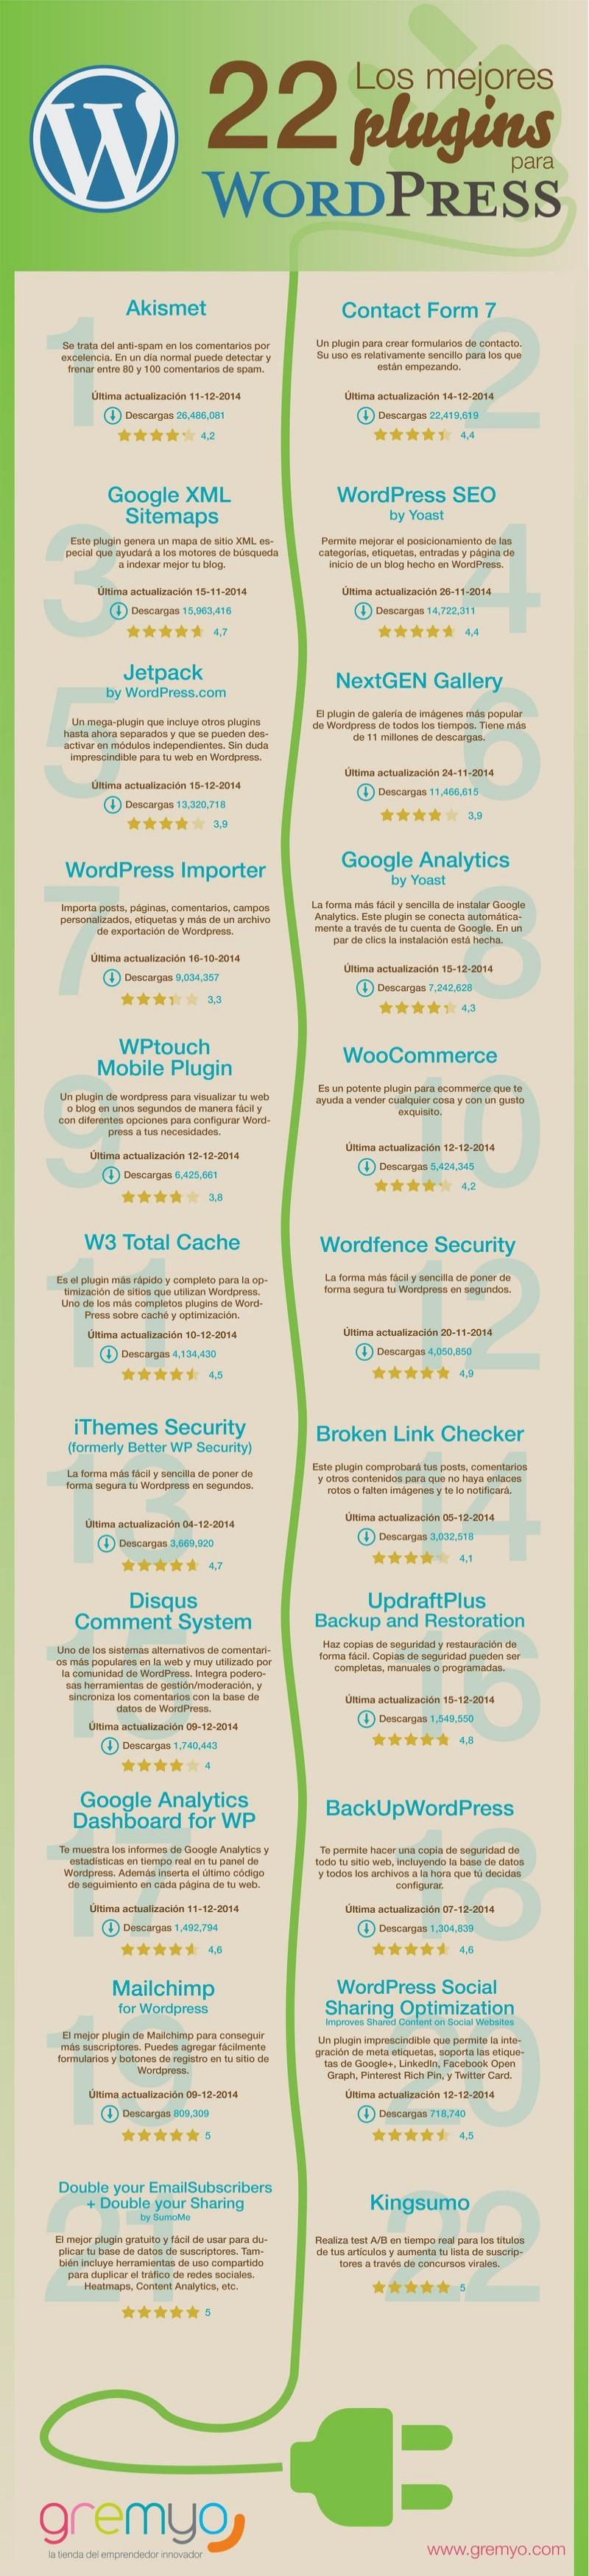 InfografiaWP